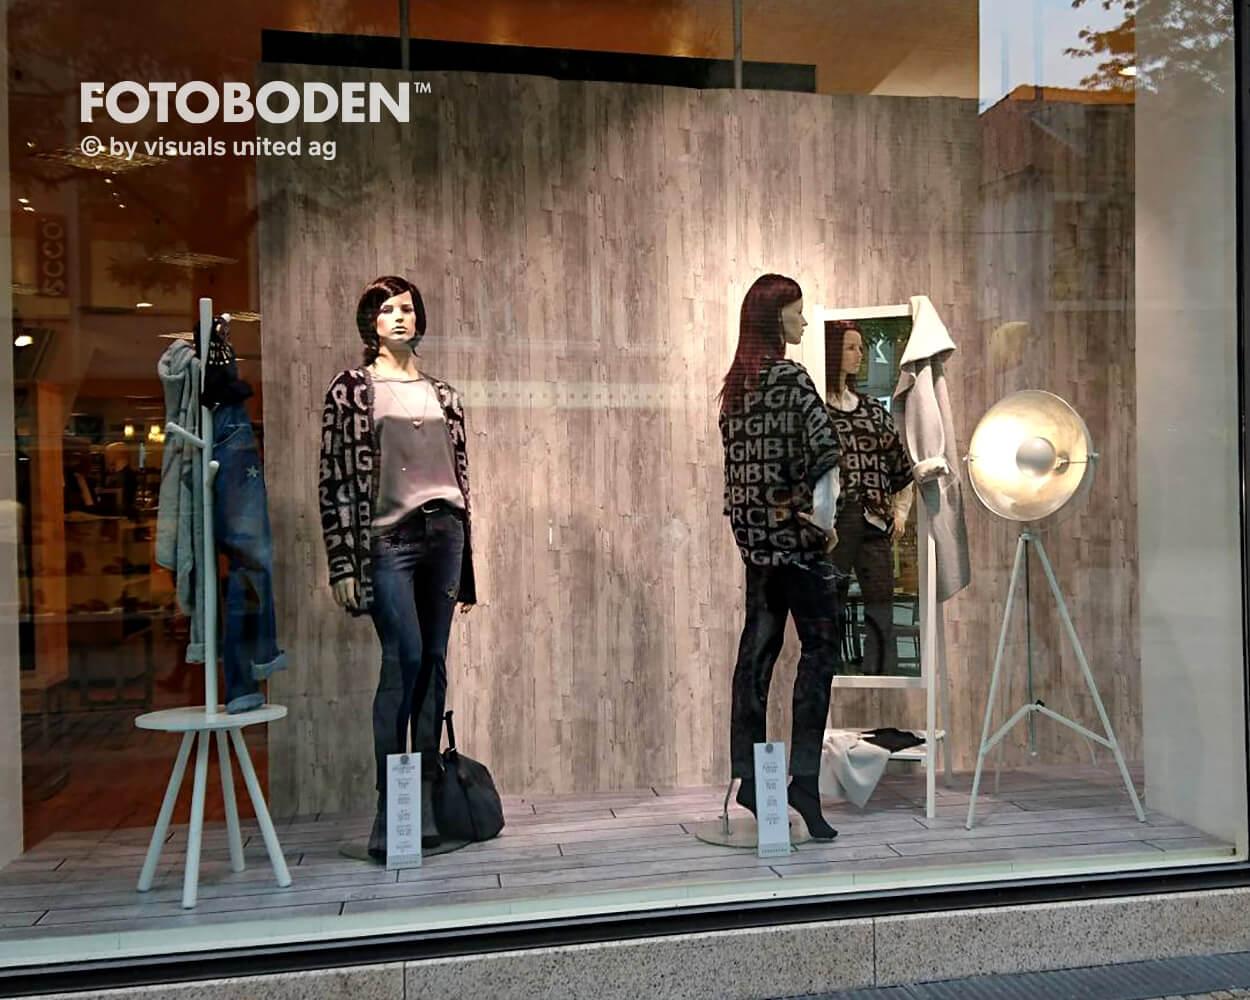 Schaufensterdekoration FOTOBODEN™ Schaufenstergestaltung